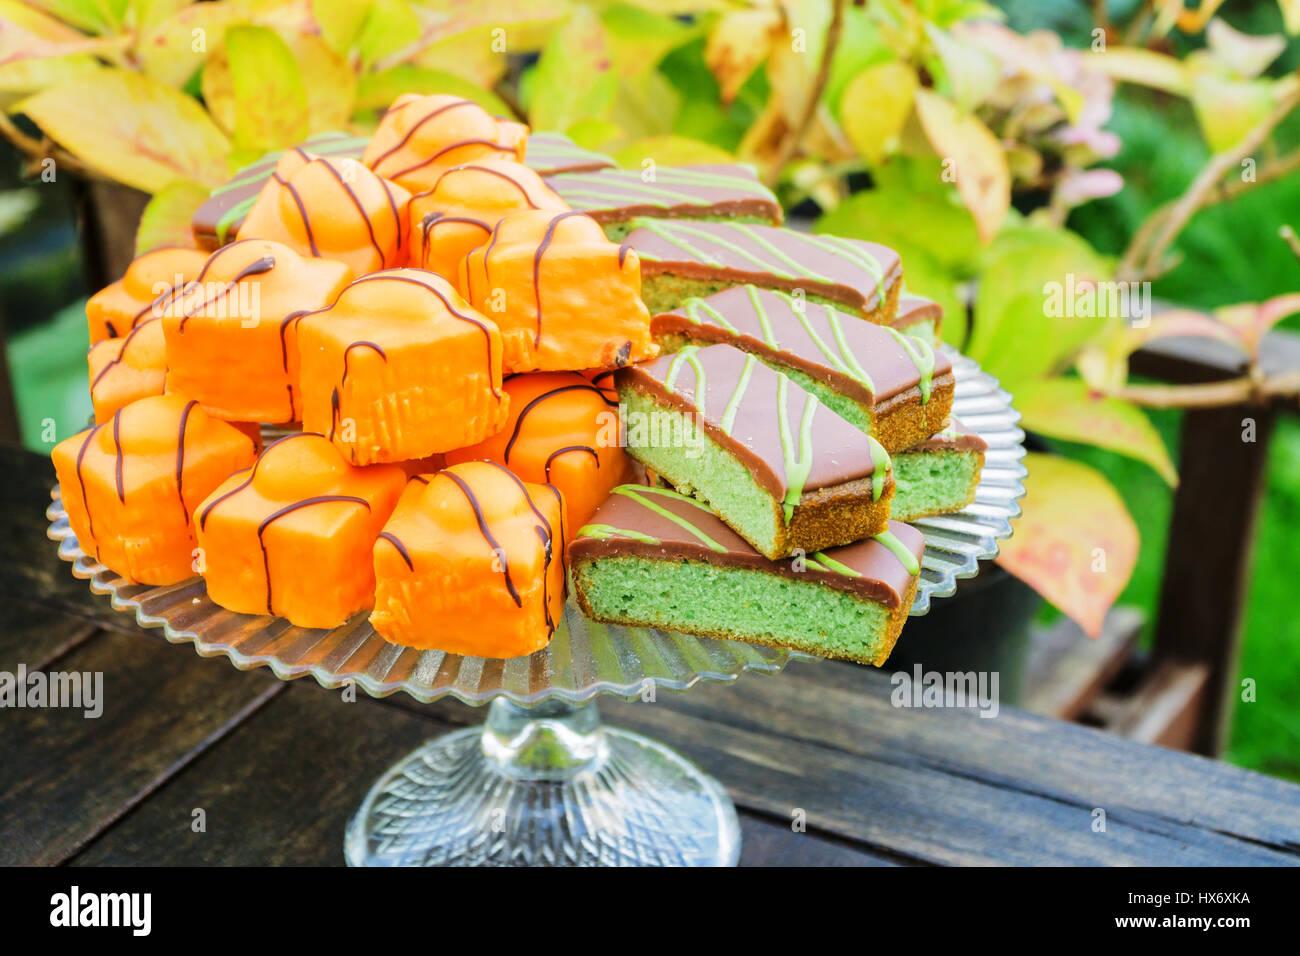 Des gâteaux sur un support d'affichage extérieur Photo Stock